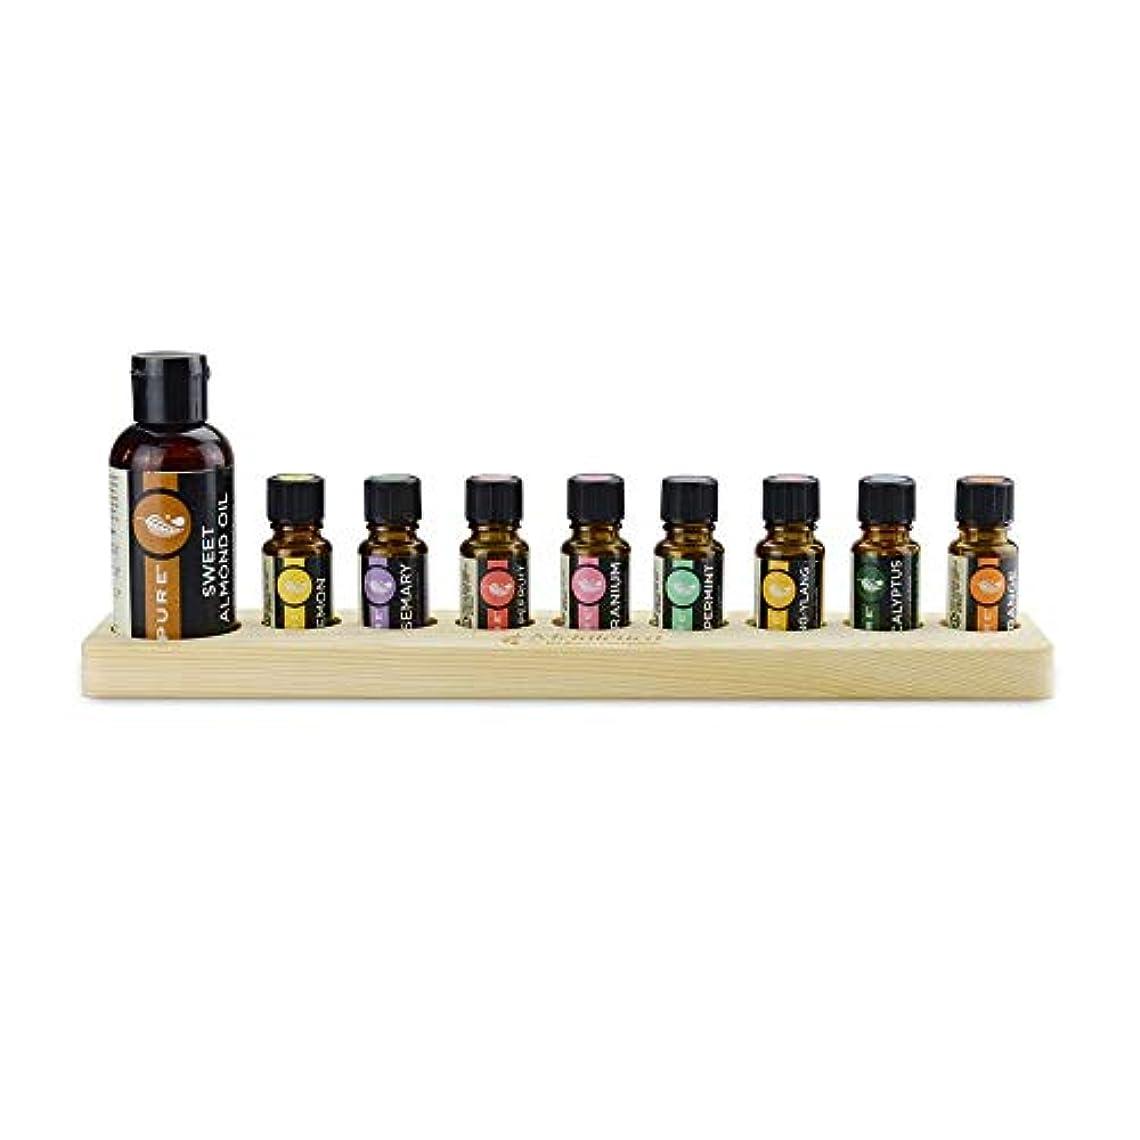 困惑するコイル振幅9スロット木製エッセンシャルオイルストレージホルダーは、9つの15ミリリットル油のボトルを保持します アロマセラピー製品 (色 : Natural, サイズ : Free size)